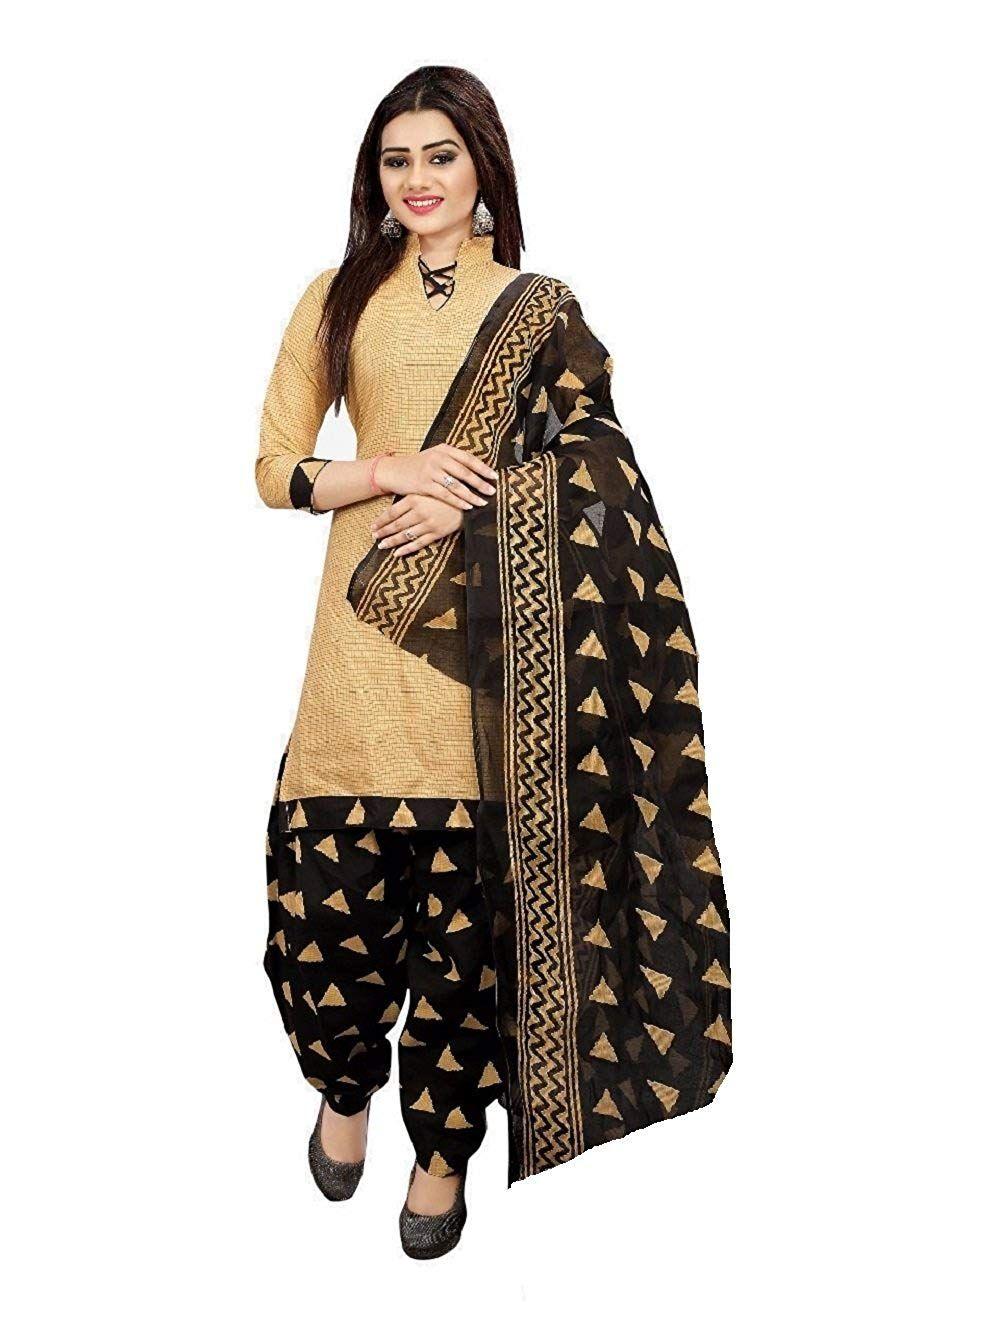 4b9a8066c866 Sretan Women's Cotton Salwar suit Un stitched Dress Material (Beige and  Black) #SretanWomen'sCottonSalwarsuitUnstitchedDressMaterial